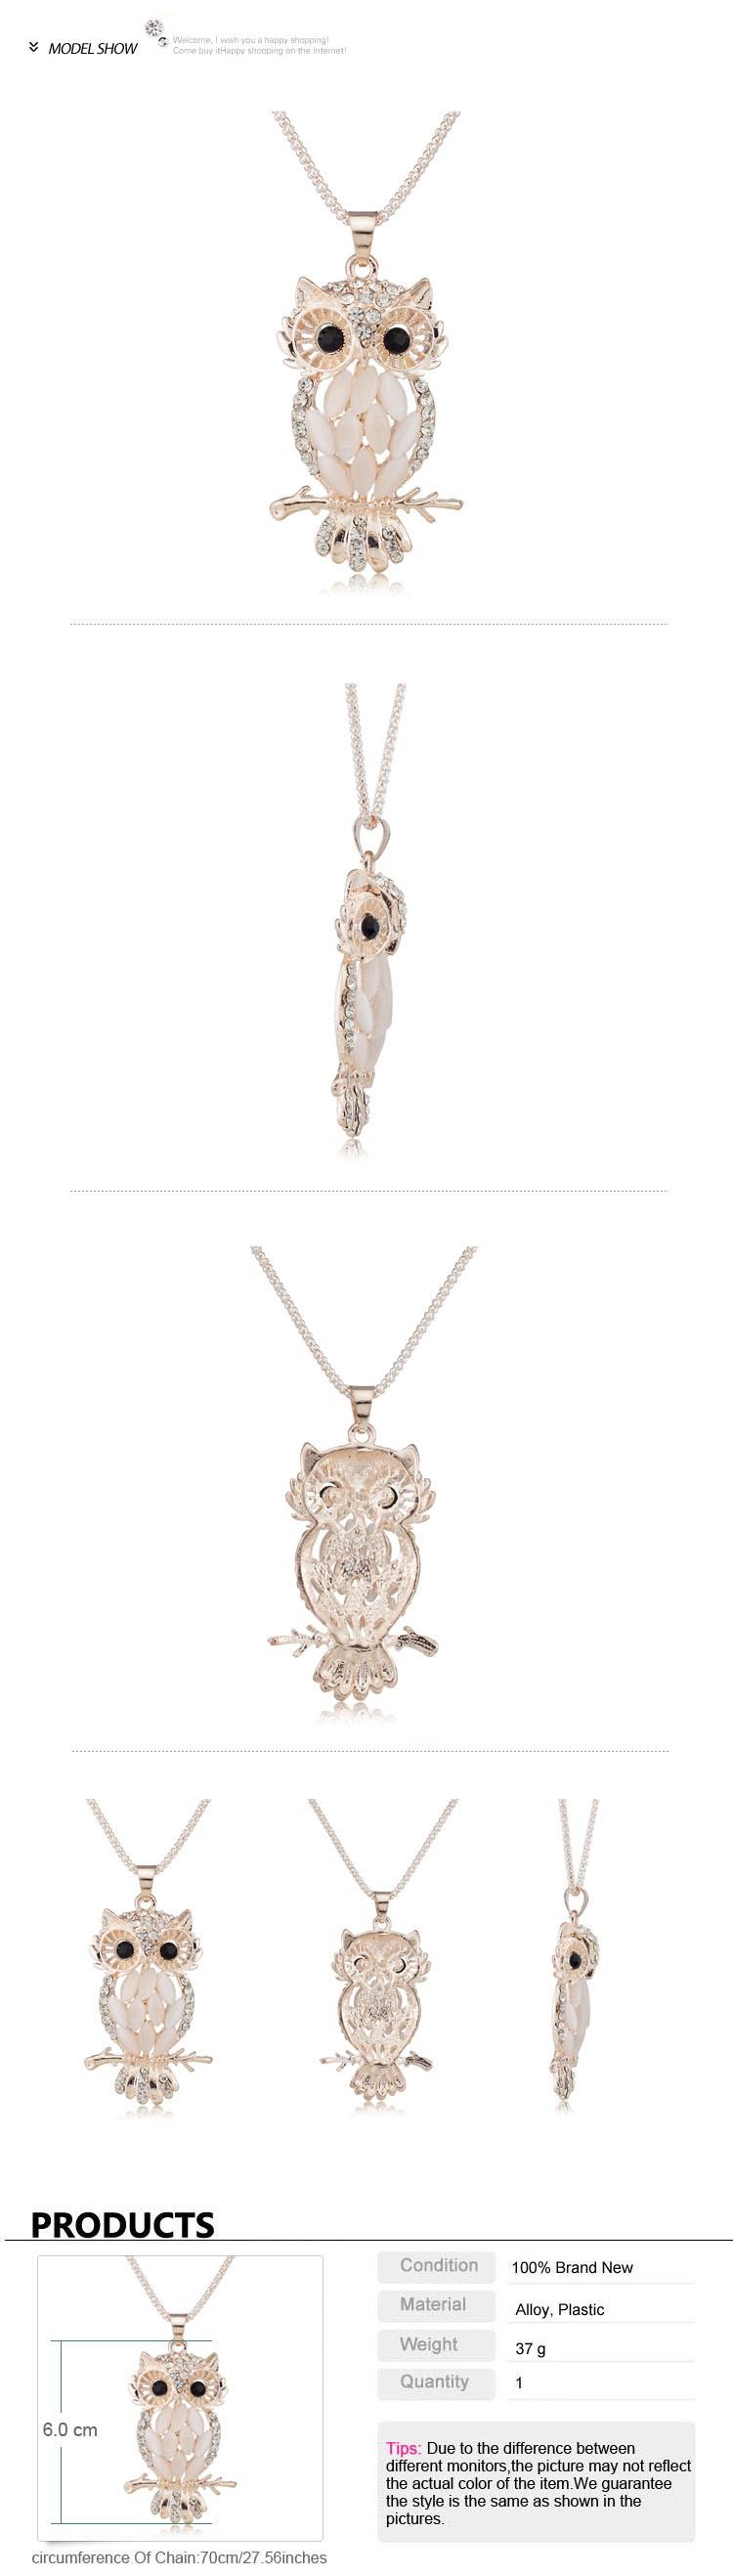 Stylish Owl Crystal Necklaces